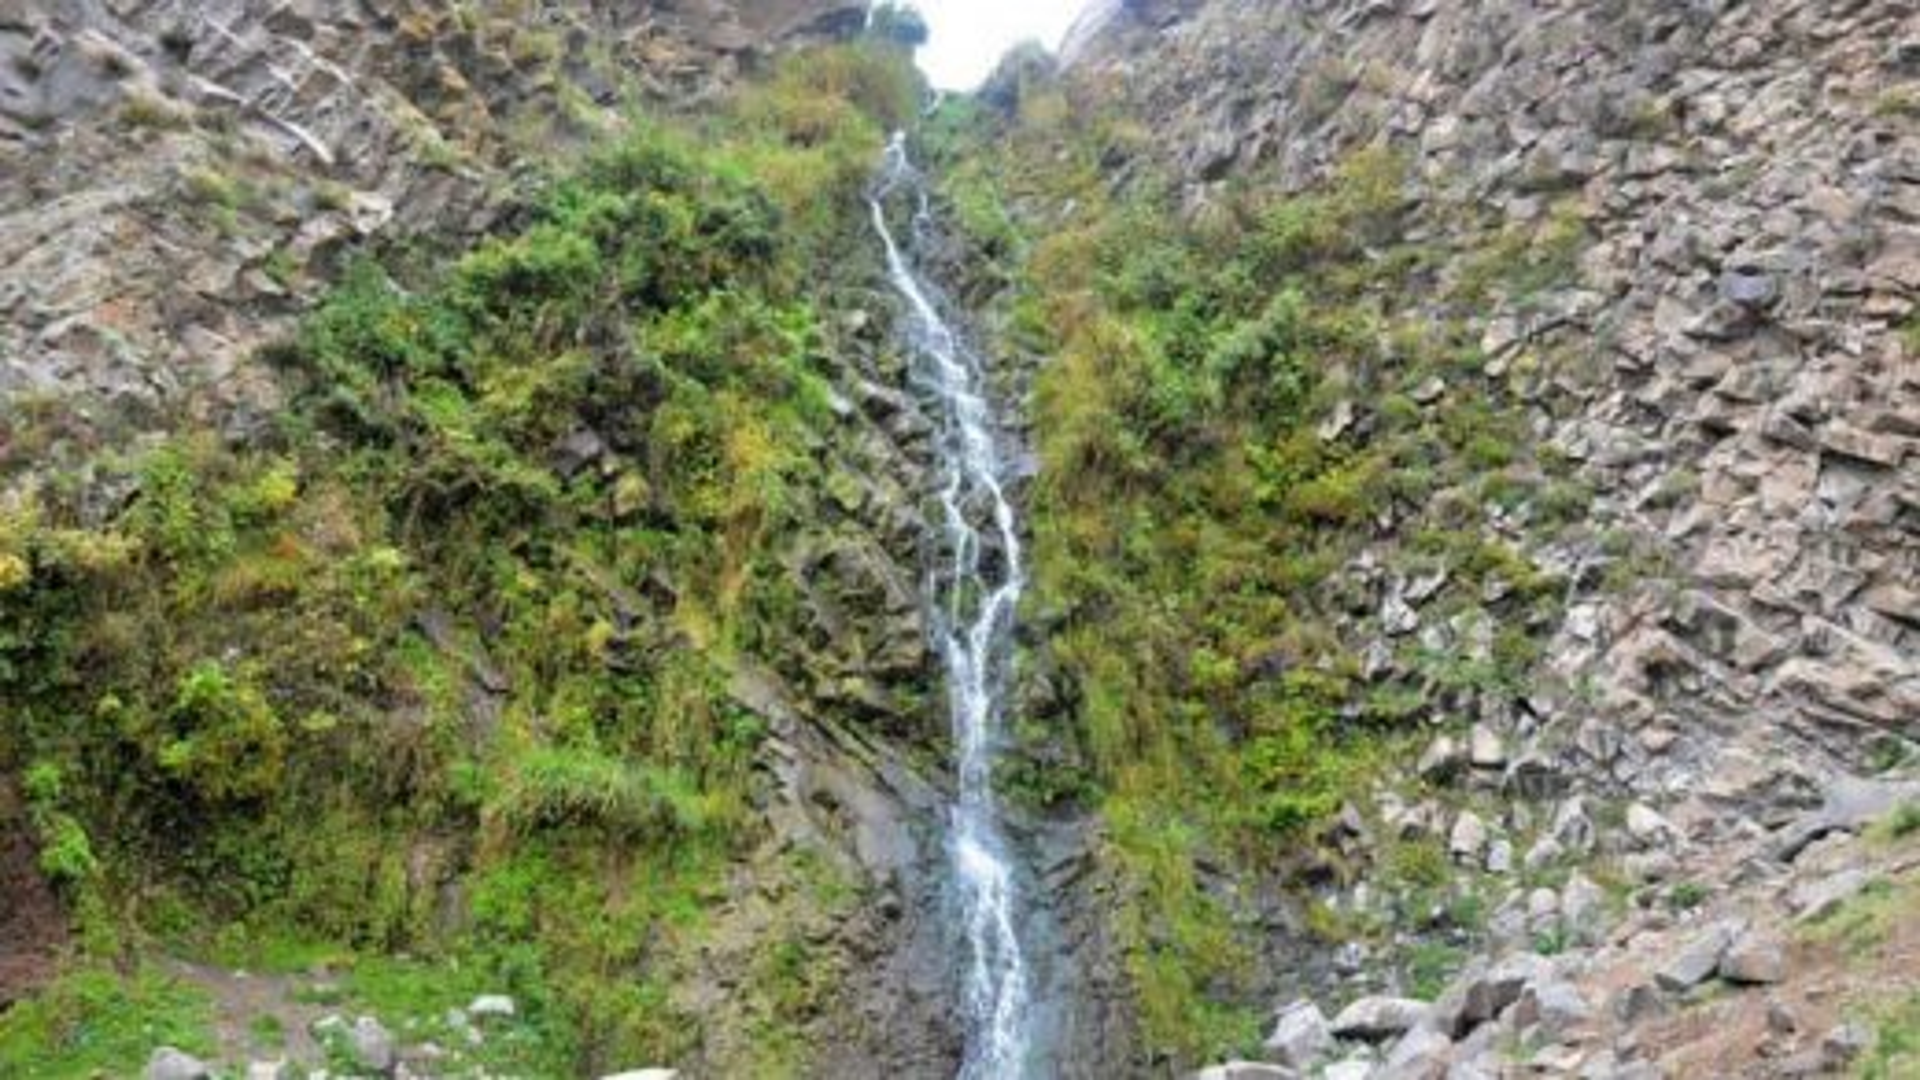 آبشار و آبگرم معدنی سردابه در استان اردبیل | فیلم